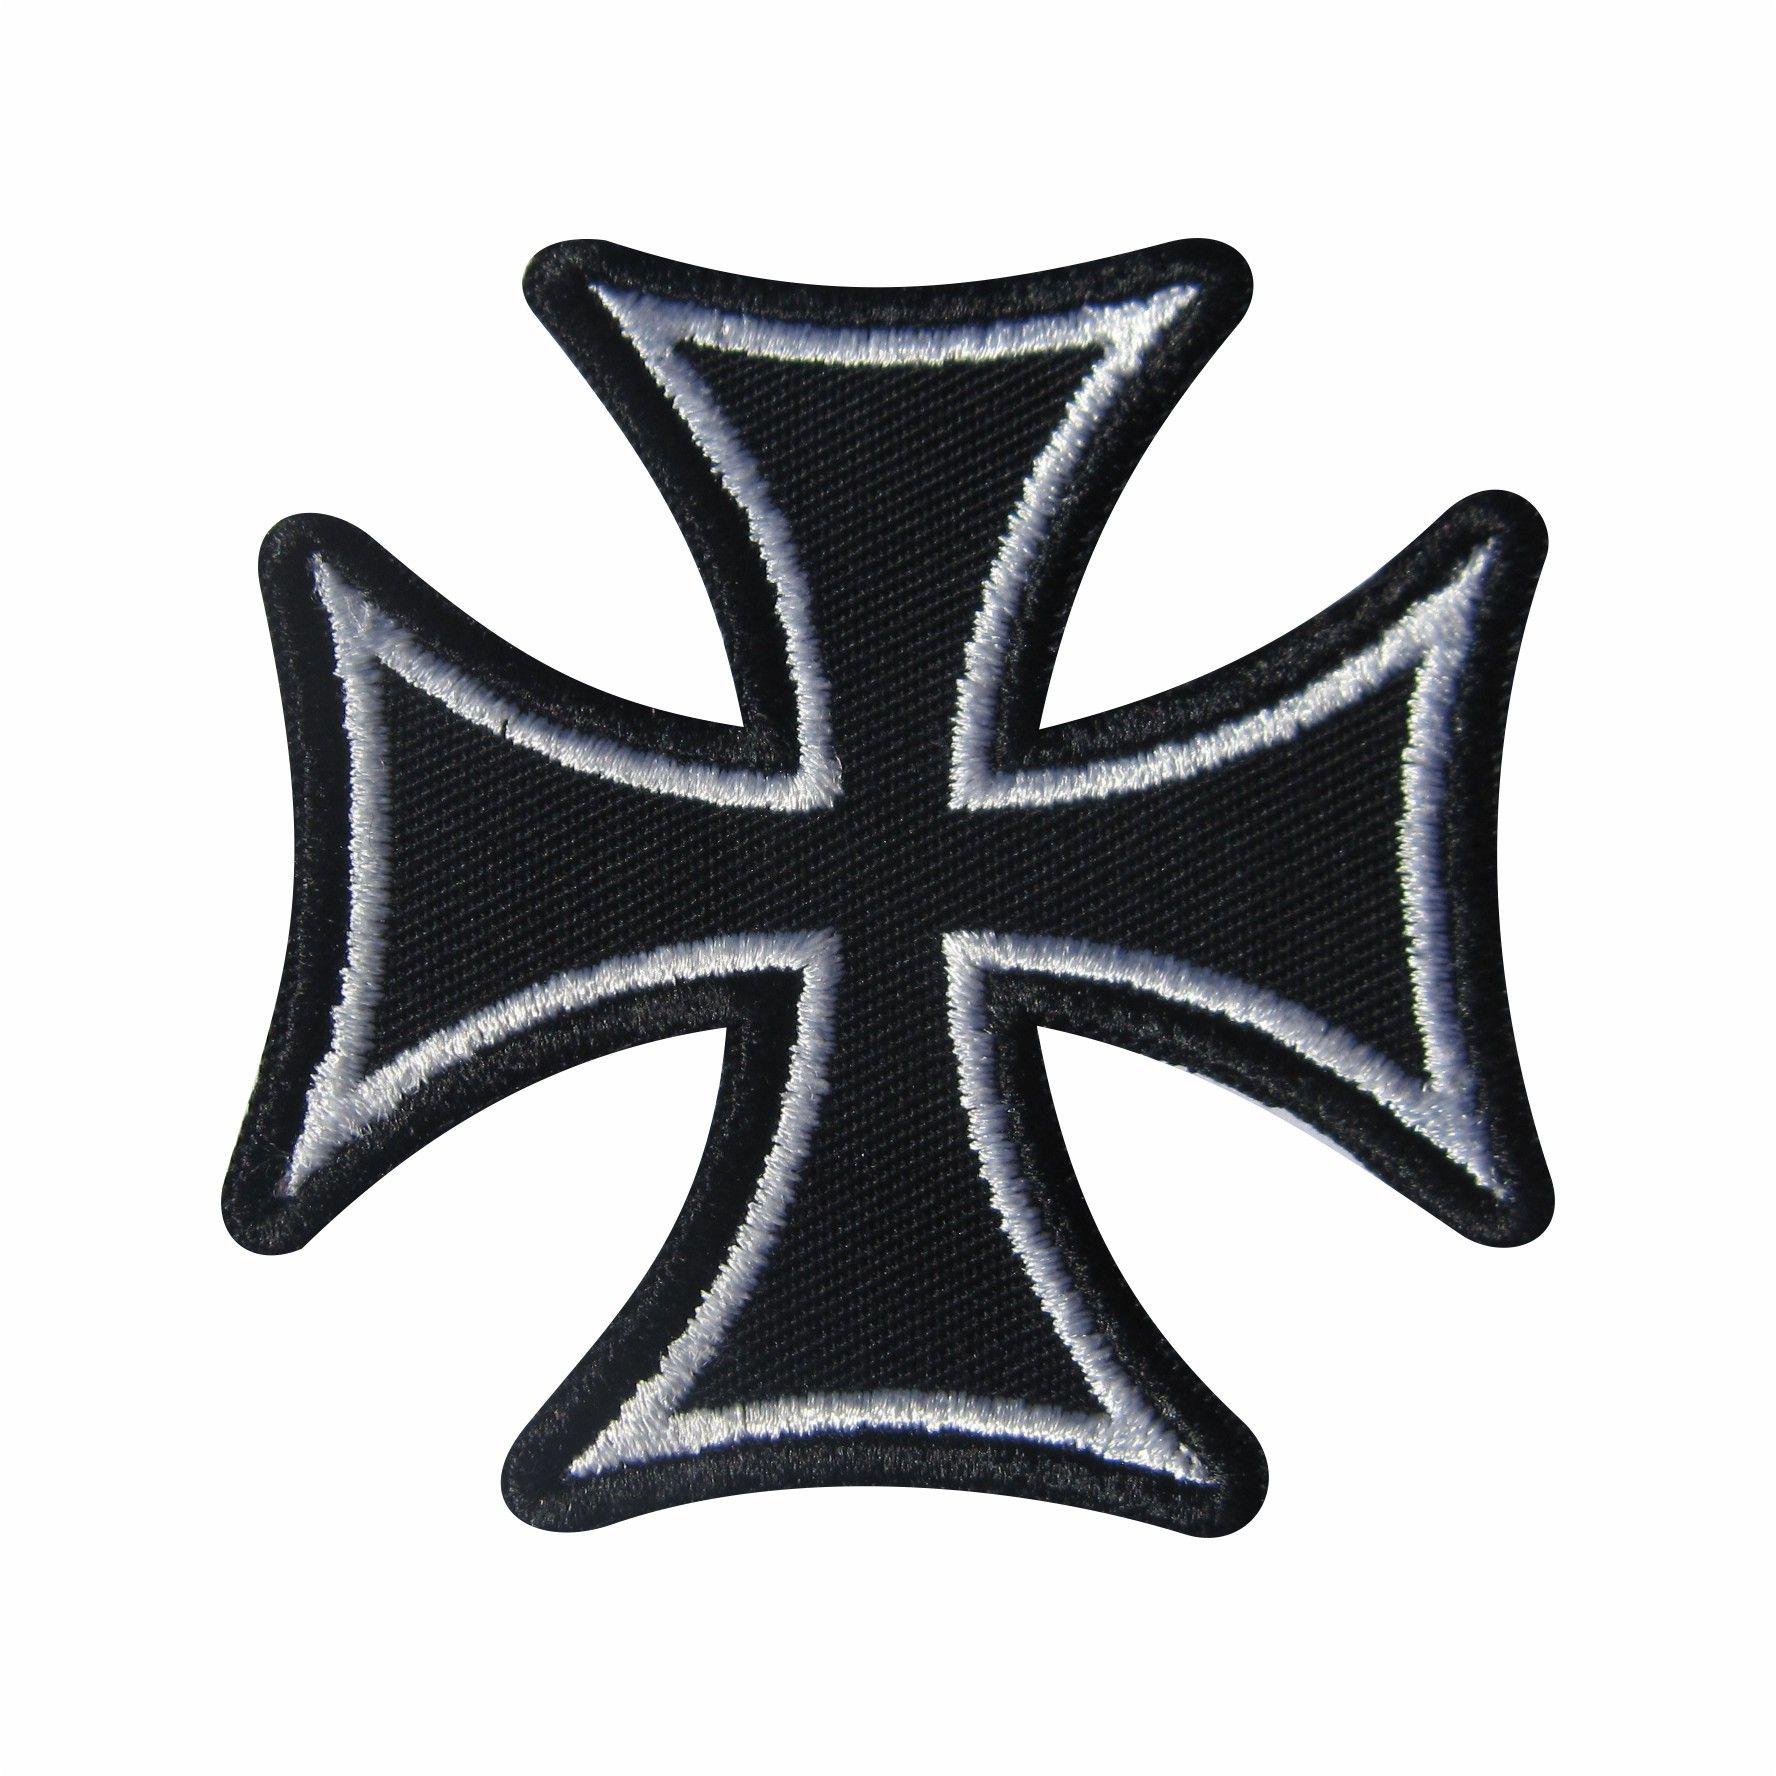 Cruz de Malta Contorno Branco   tricks diy   Tattoos 62a1847dc3